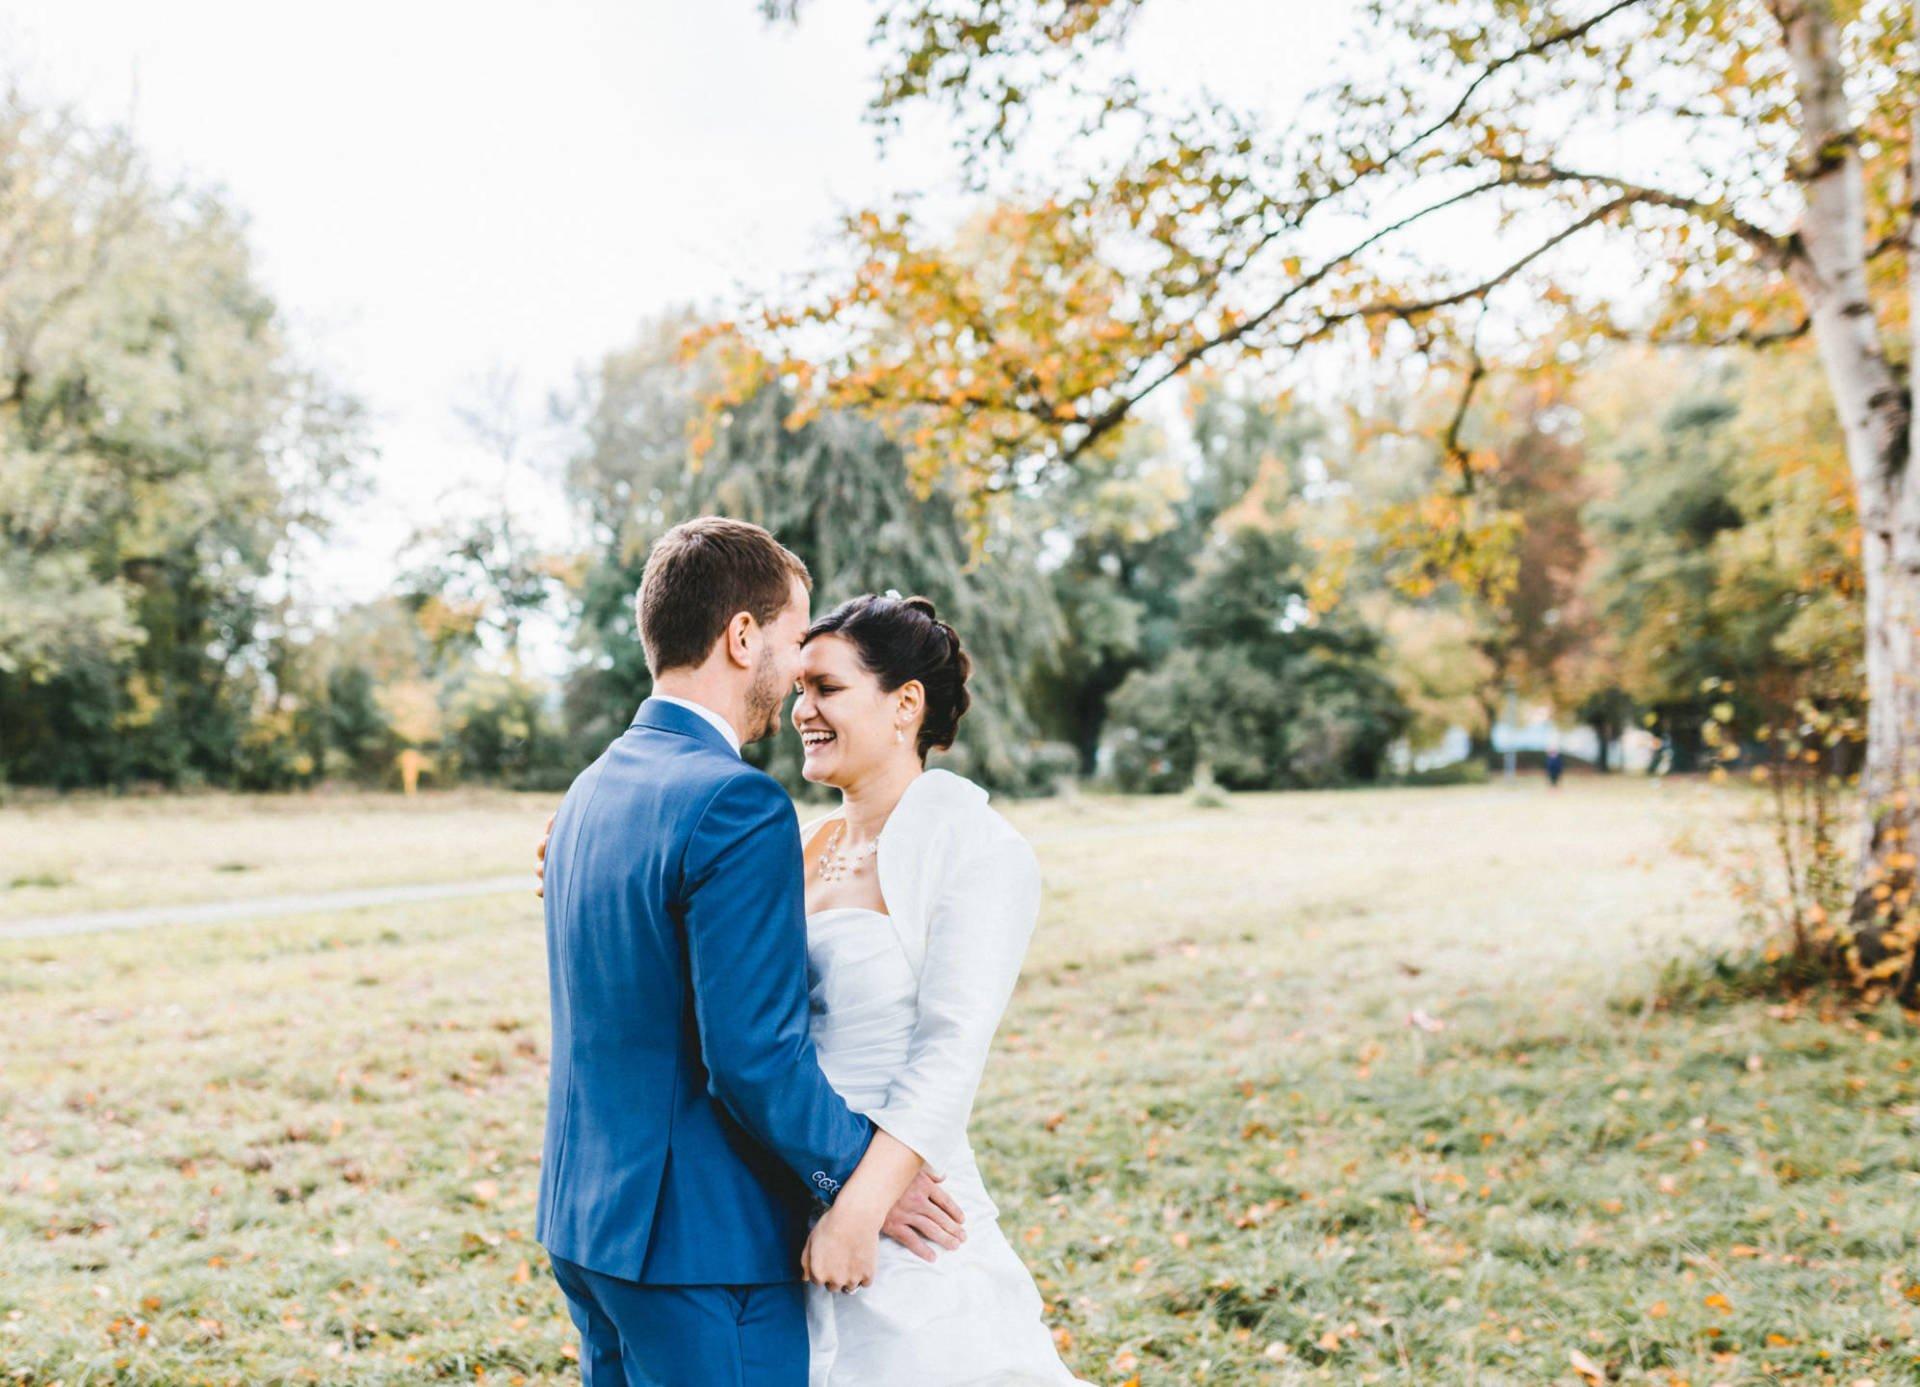 Hochzeitsreportage | Hochzeit im Paradies Jena | 6